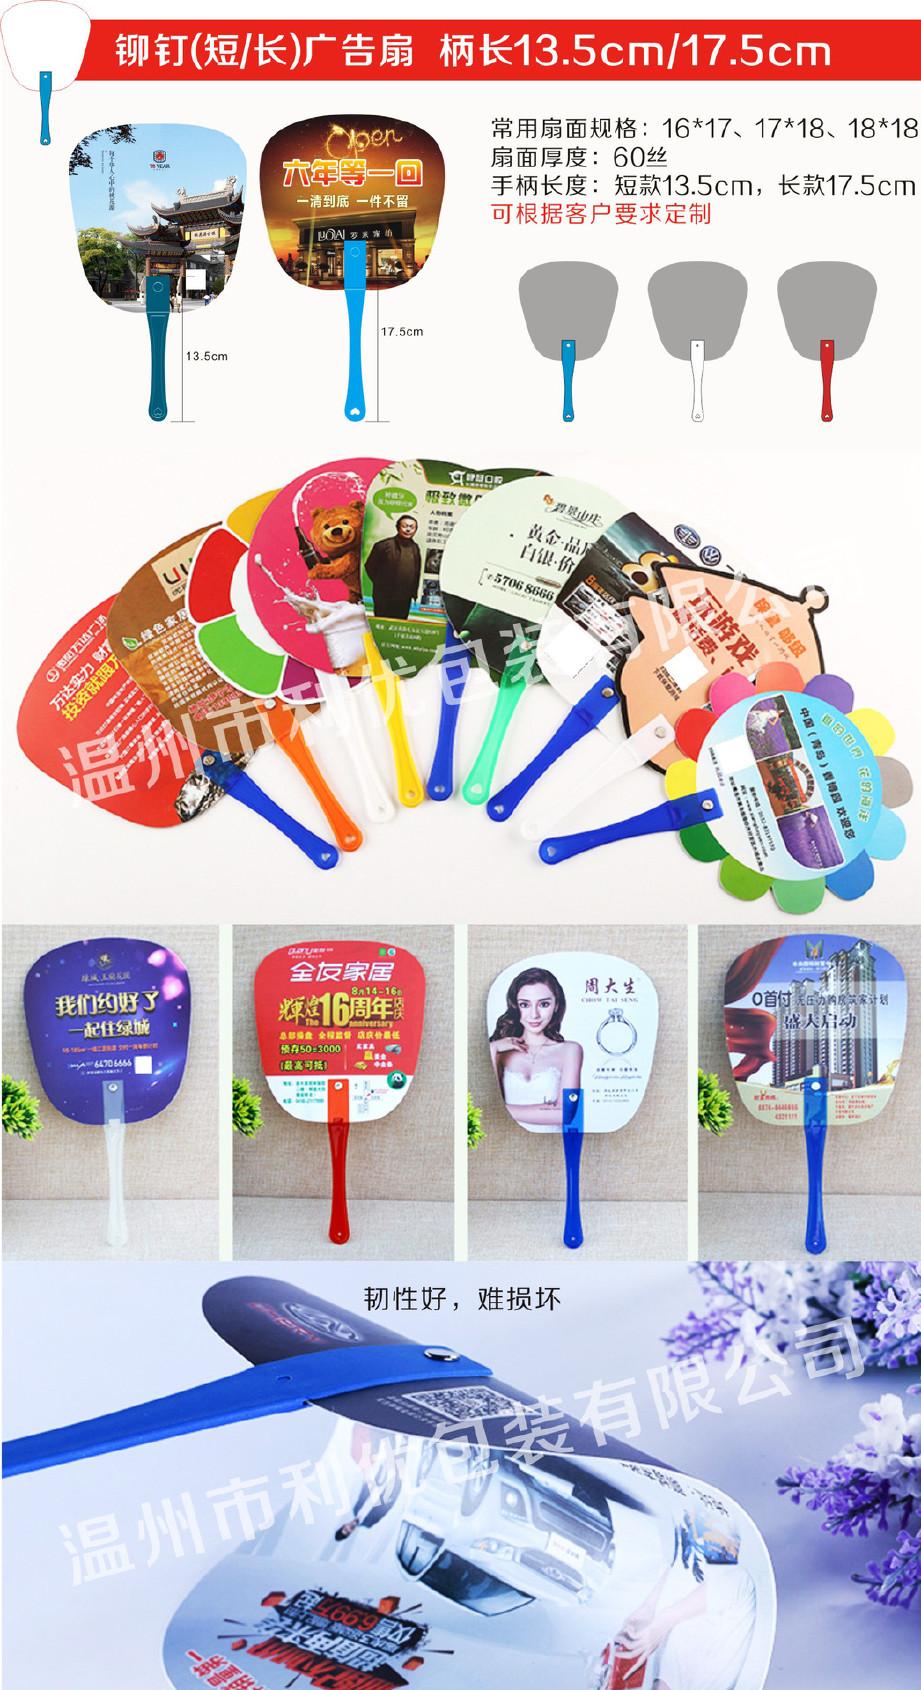 厂家直销 广告扇定做塑料pp宣传扇子定制折扇订做短铆钉扇1千把起示例图9